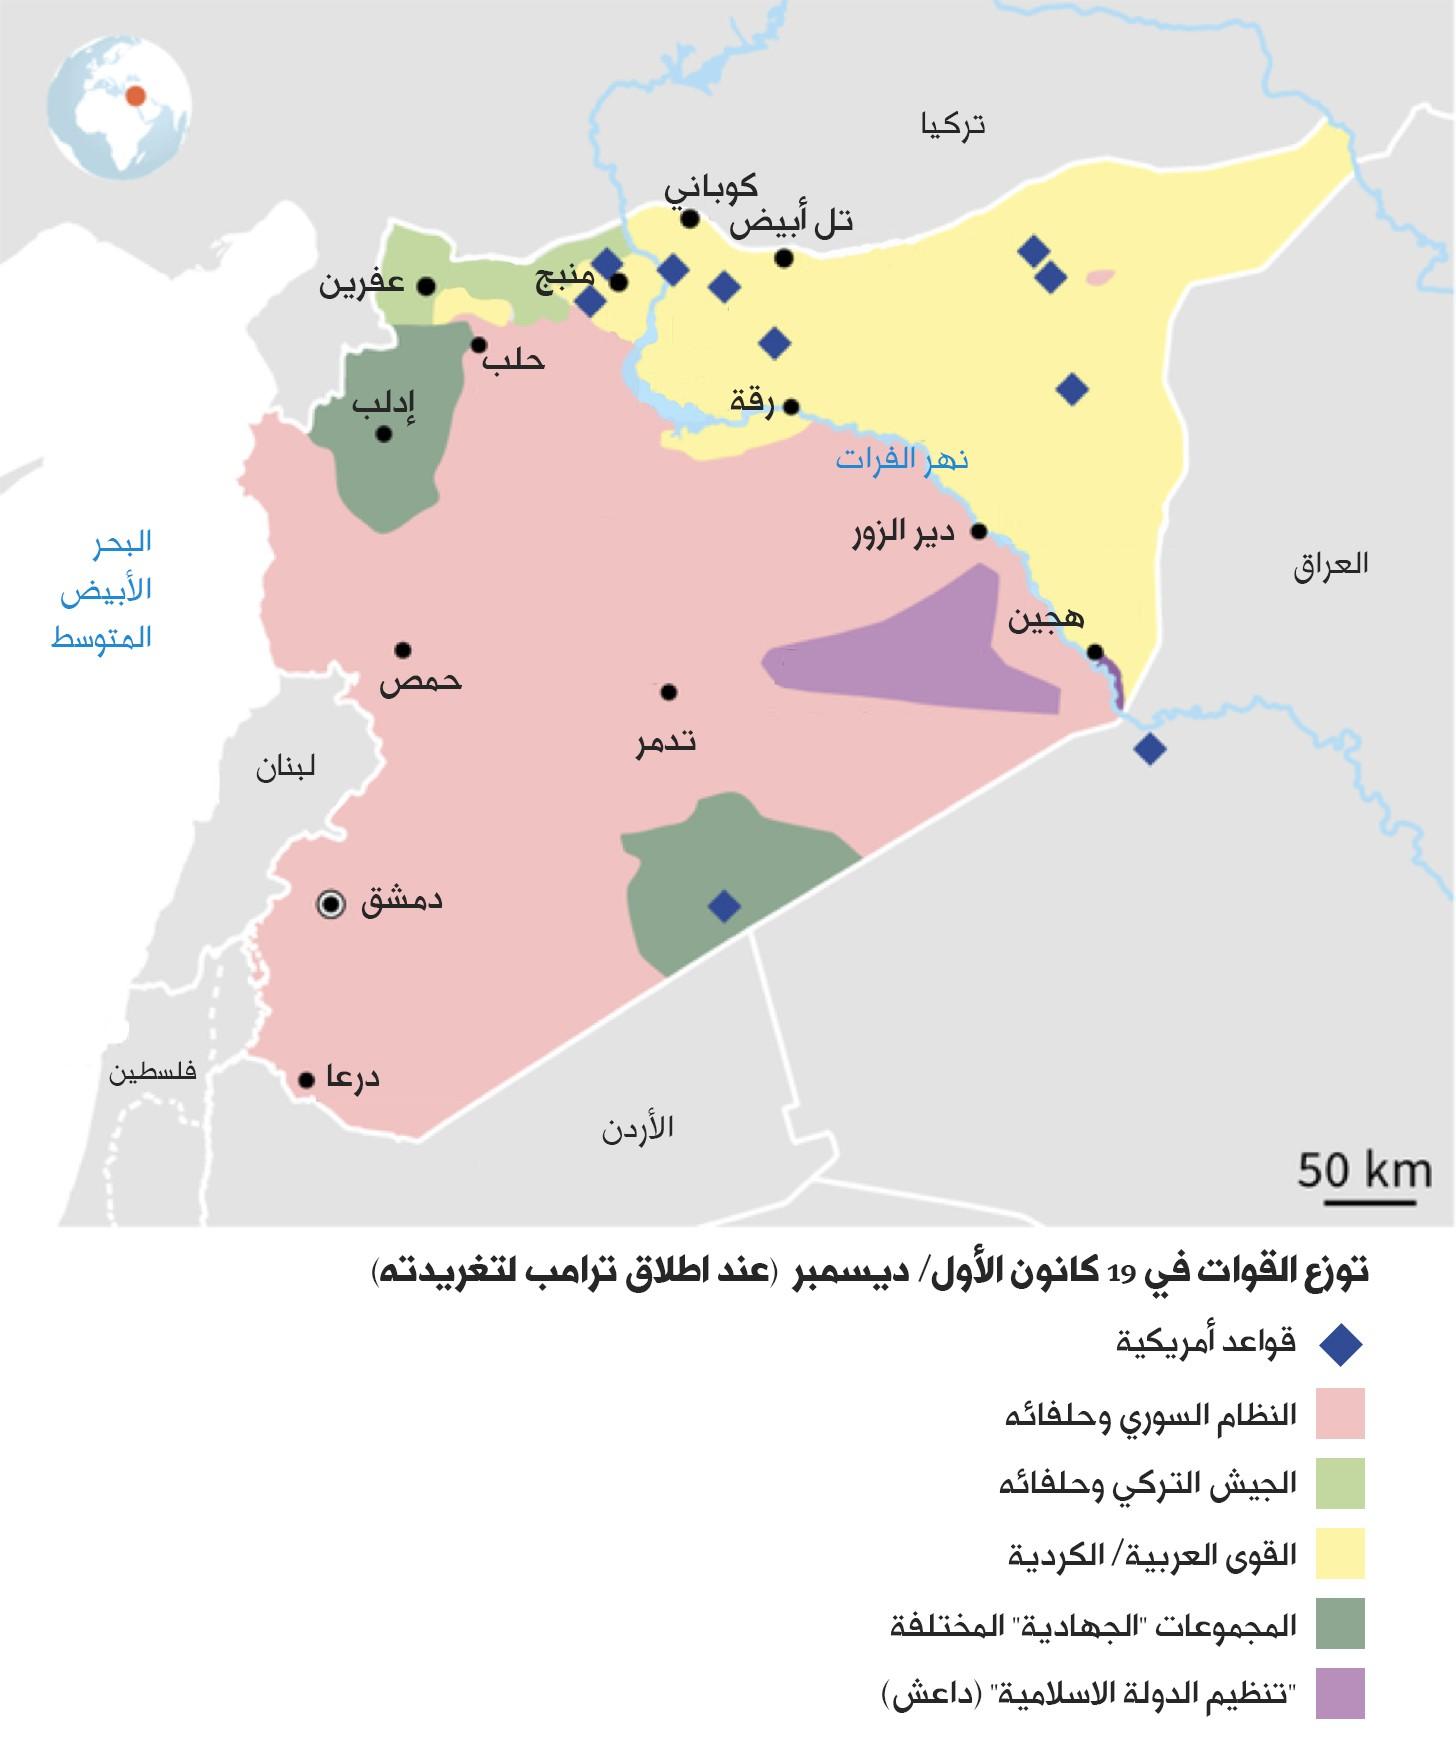 تقاسم النفوذ في سورية: الكلّ يكسب إلا العرب!